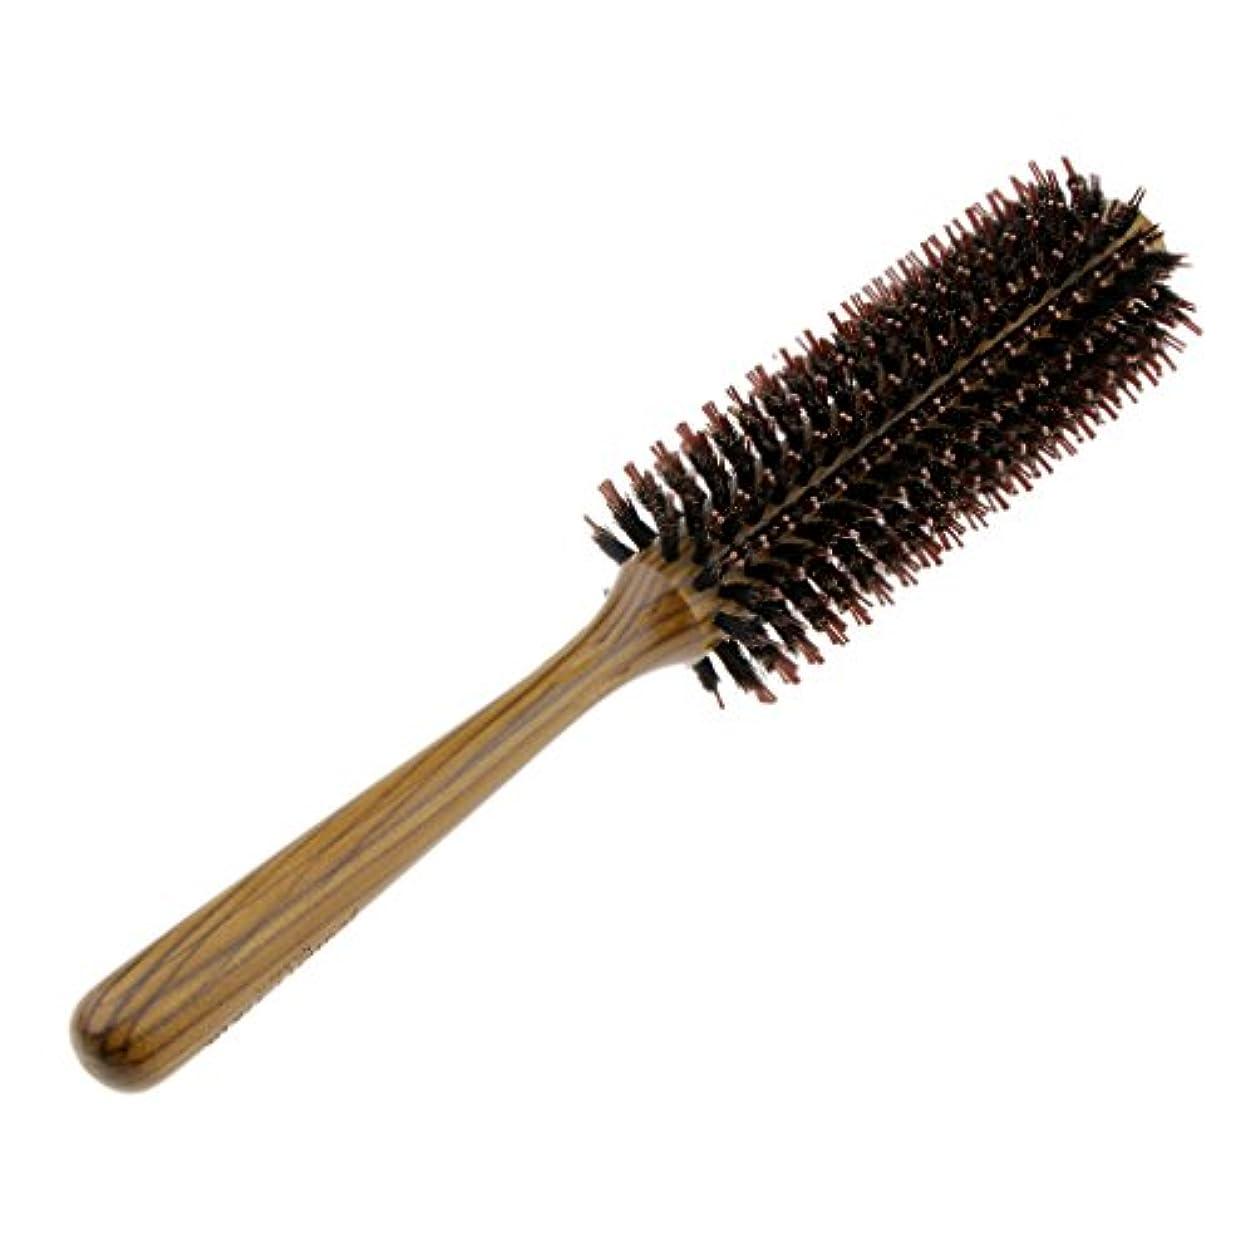 パーツ効率的にターミナルロールブラシ ヘアブラシ コーム ヘアスタイリング 櫛 くし カール 巻き髪 3サイズ選べる - L